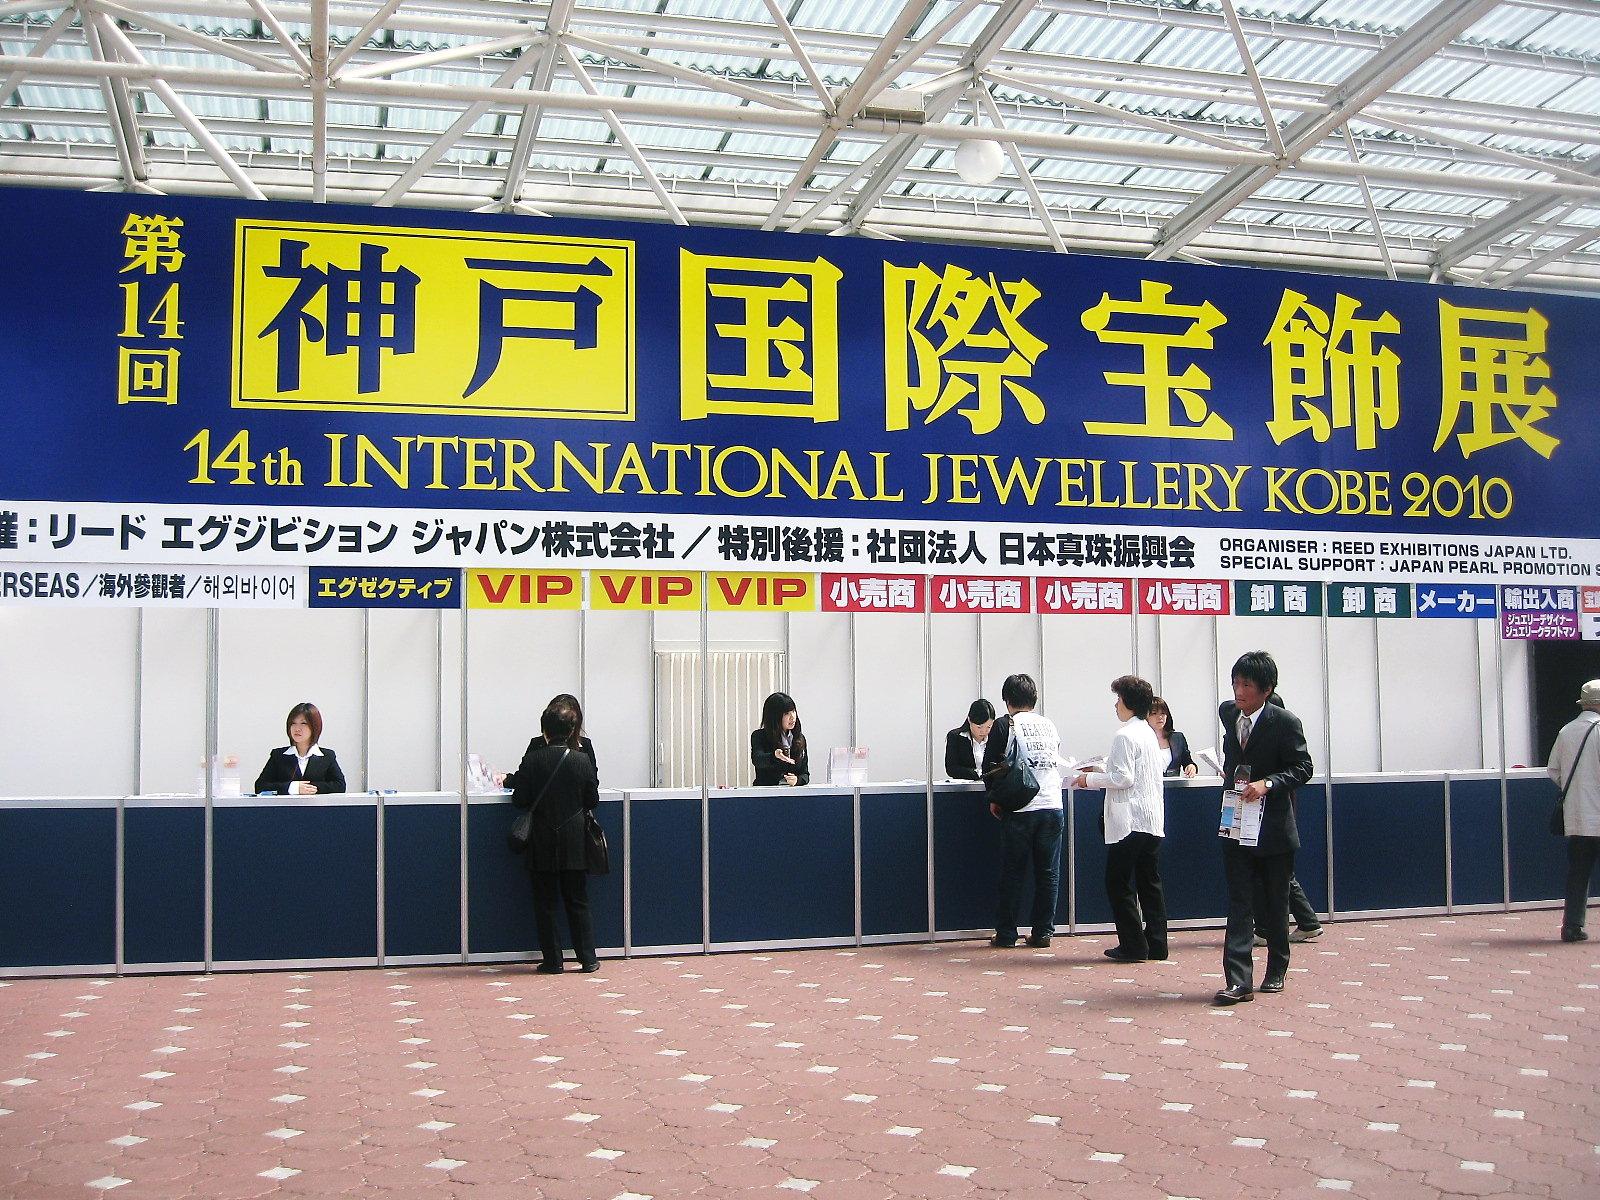 国際 展 神戸 宝飾